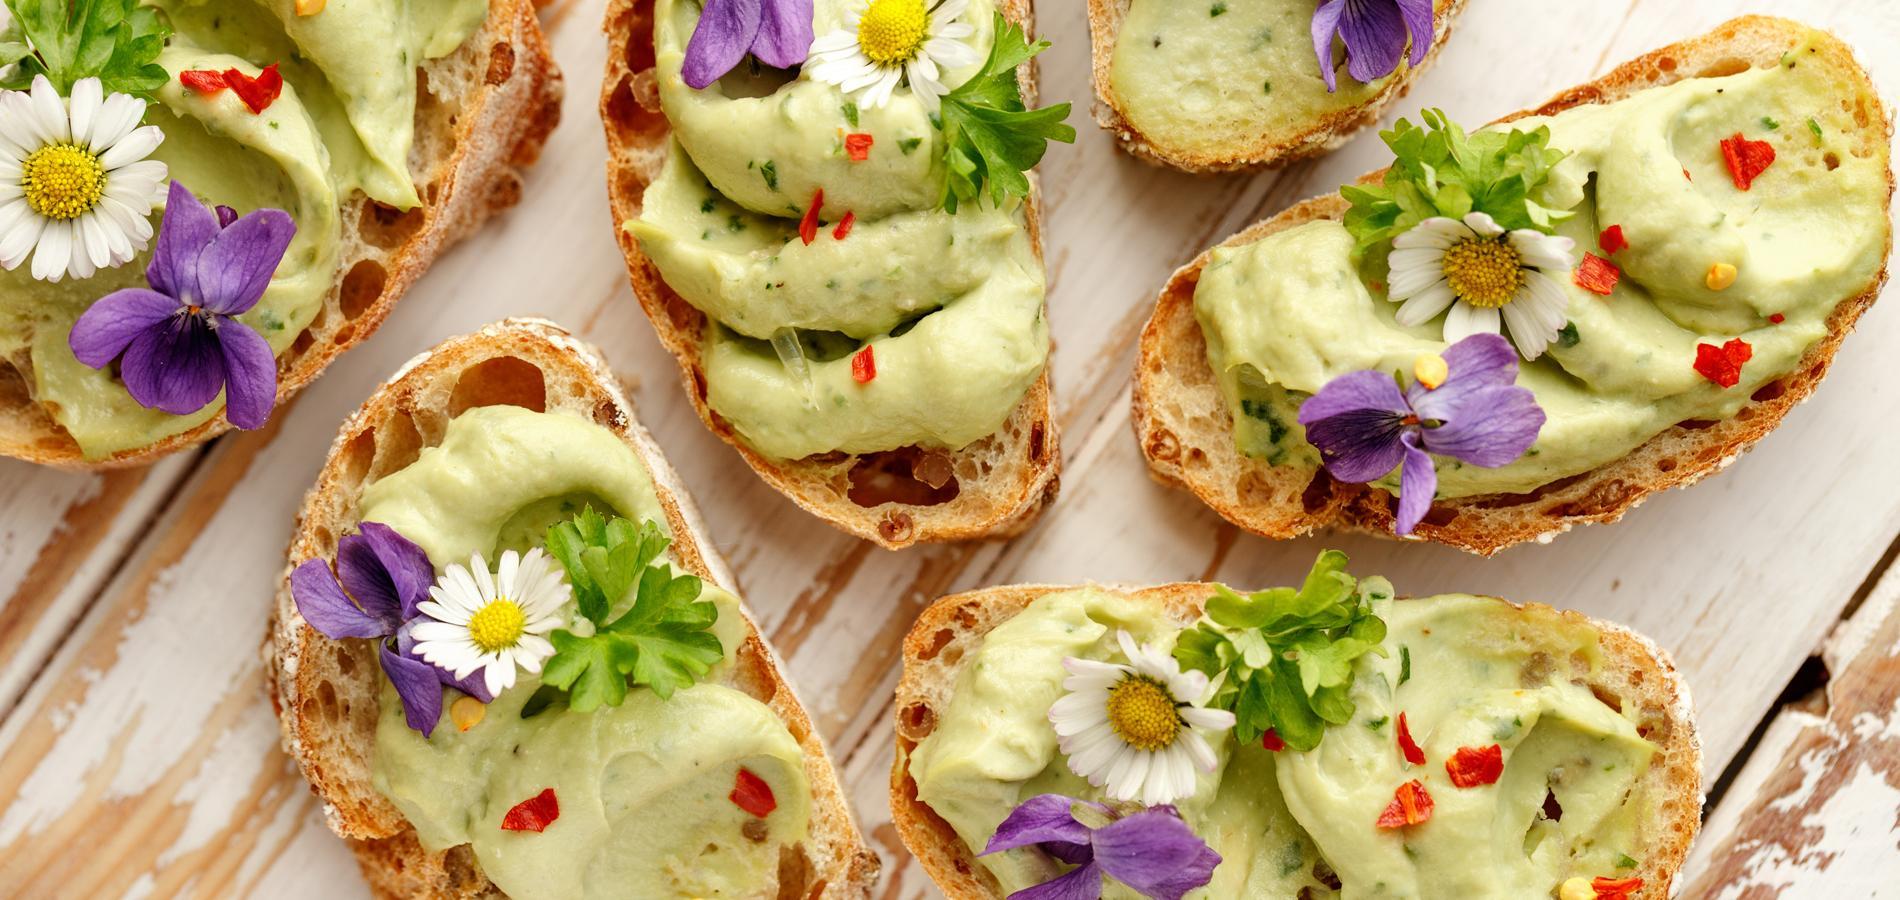 les fleurs comestibles - Le printemps est là, le Flower Power est de retour !